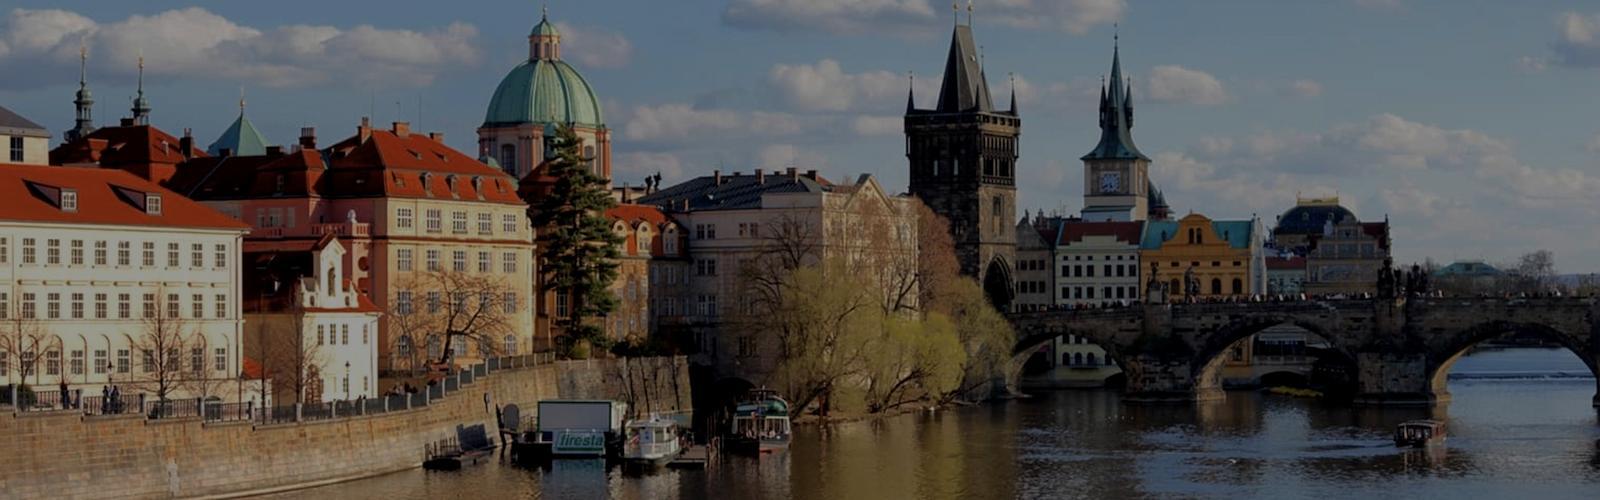 Эксклюзивное путешествие по Праге, 8 часов